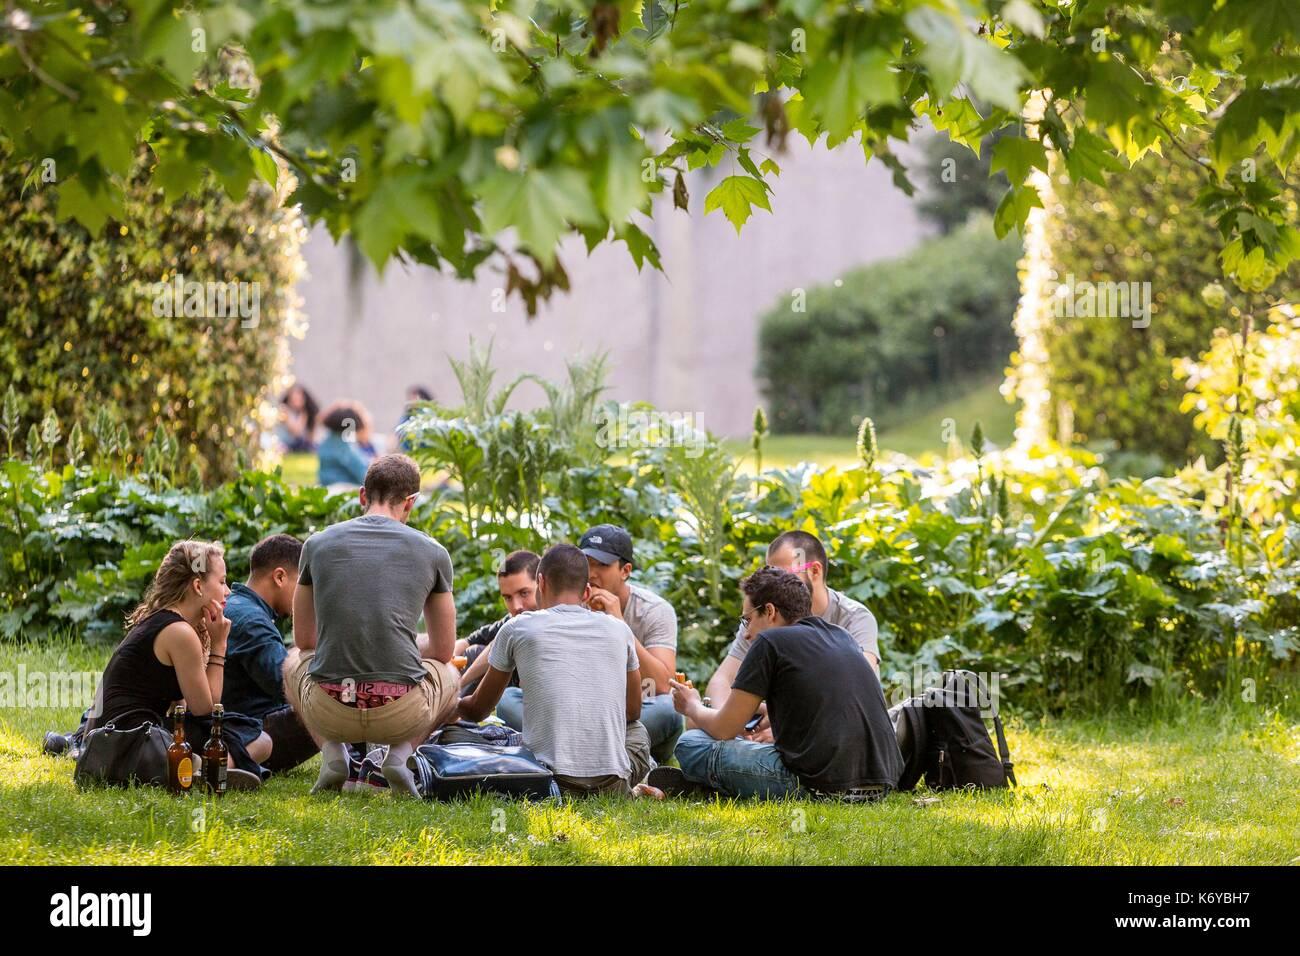 France, Paris, the Parc de Bercy - Stock Image